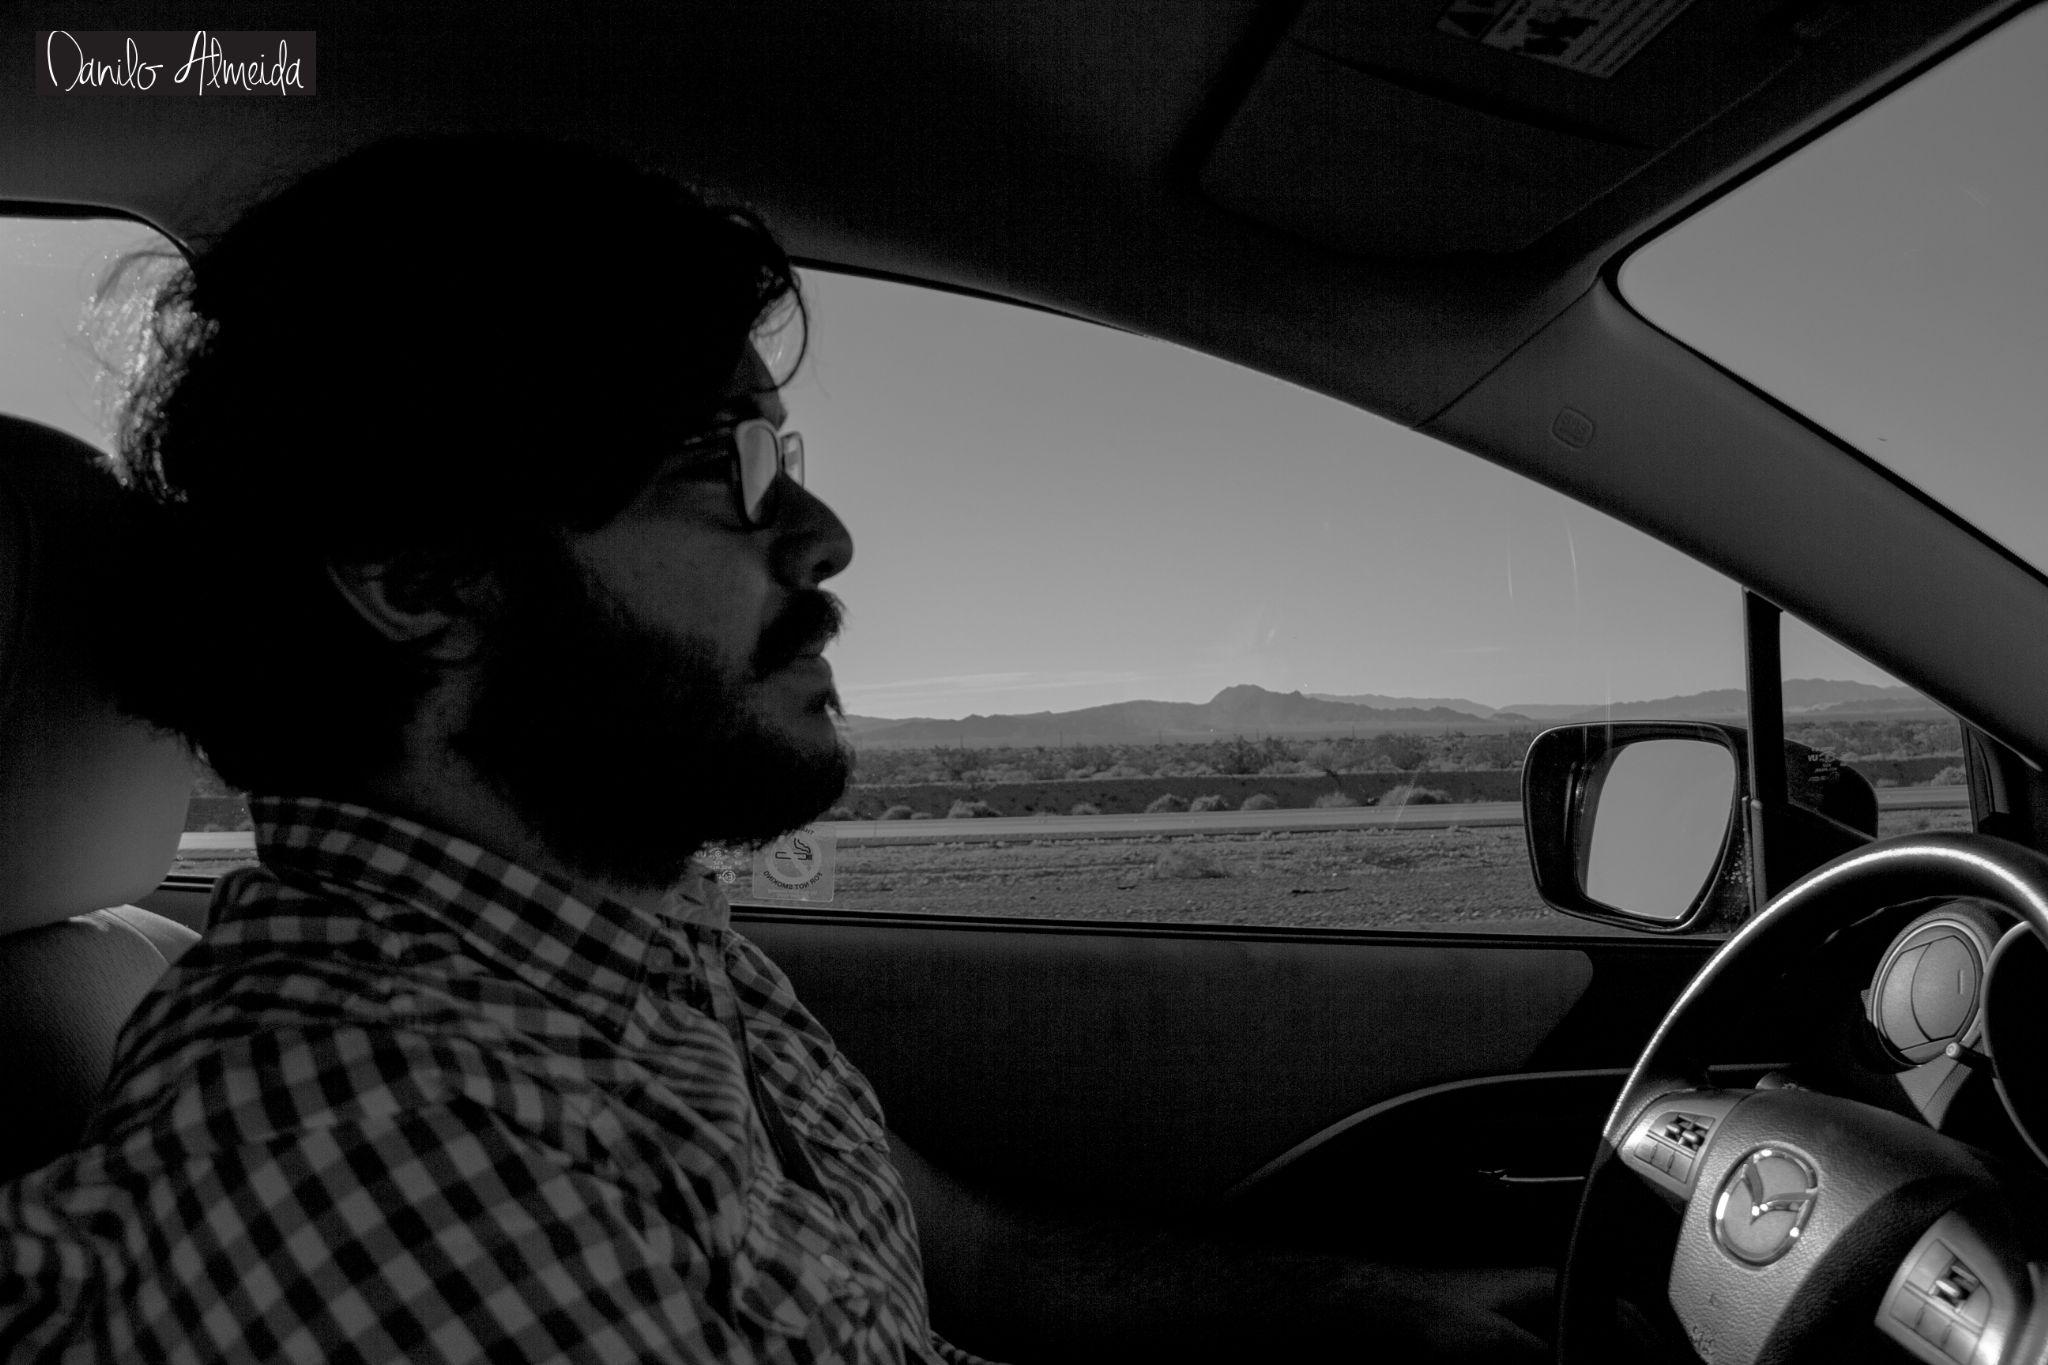 Driving by Danilo Almeida